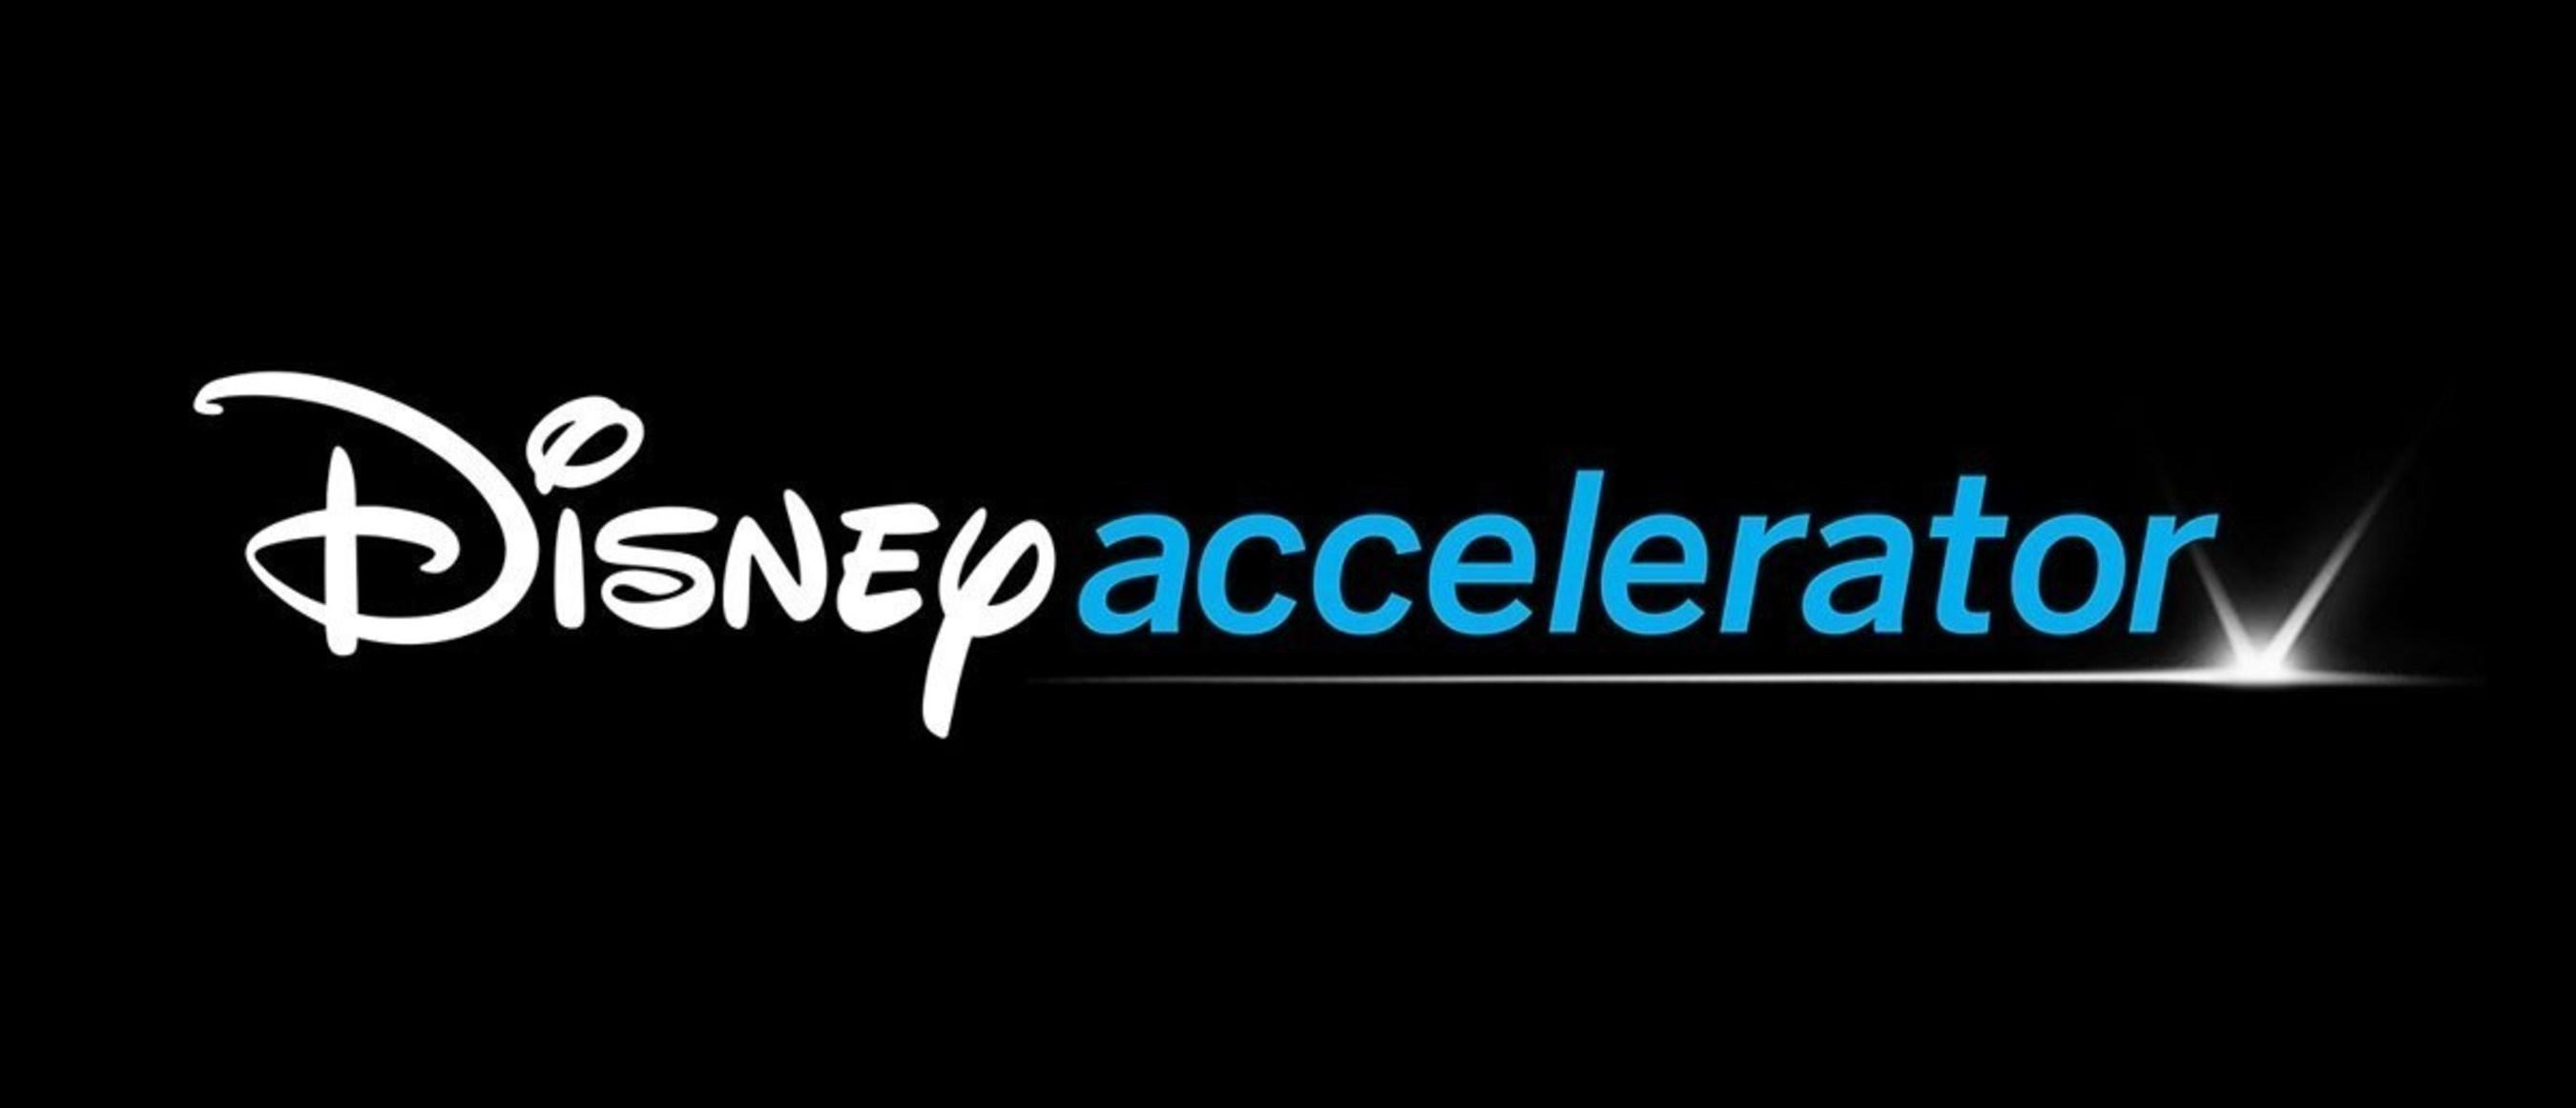 The Walt Disney Company's Accelerator Program Announces 2016 Participants